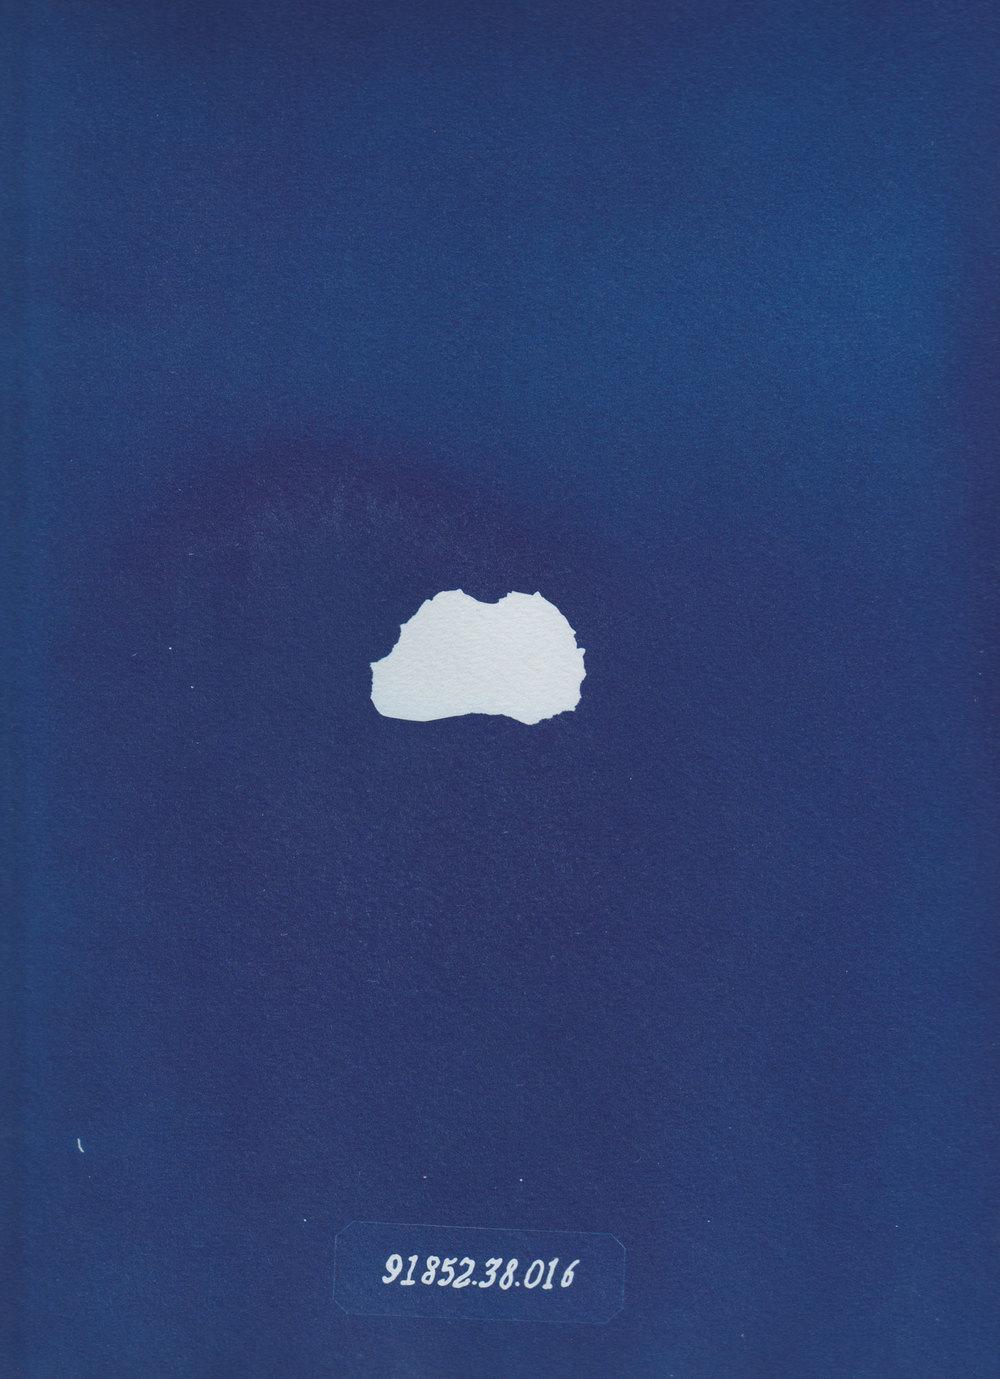 Klumpen i sig, cyanotype, 2014